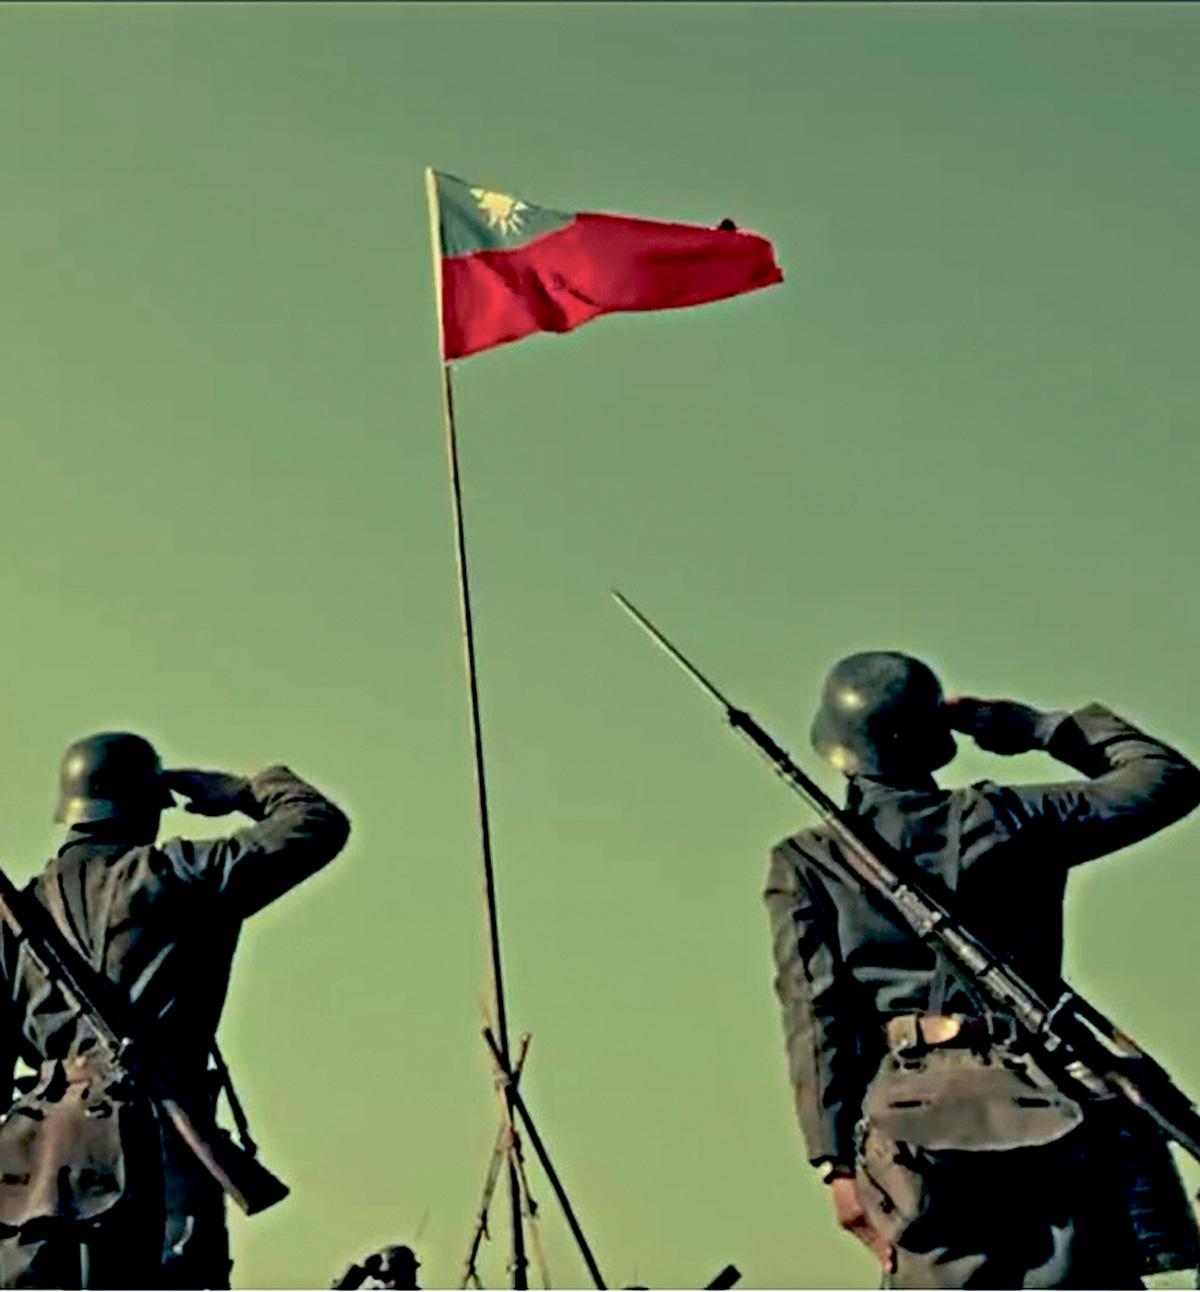 《八佰》影片中出現了士兵向青天白日旗致敬的畫面。網上圖片